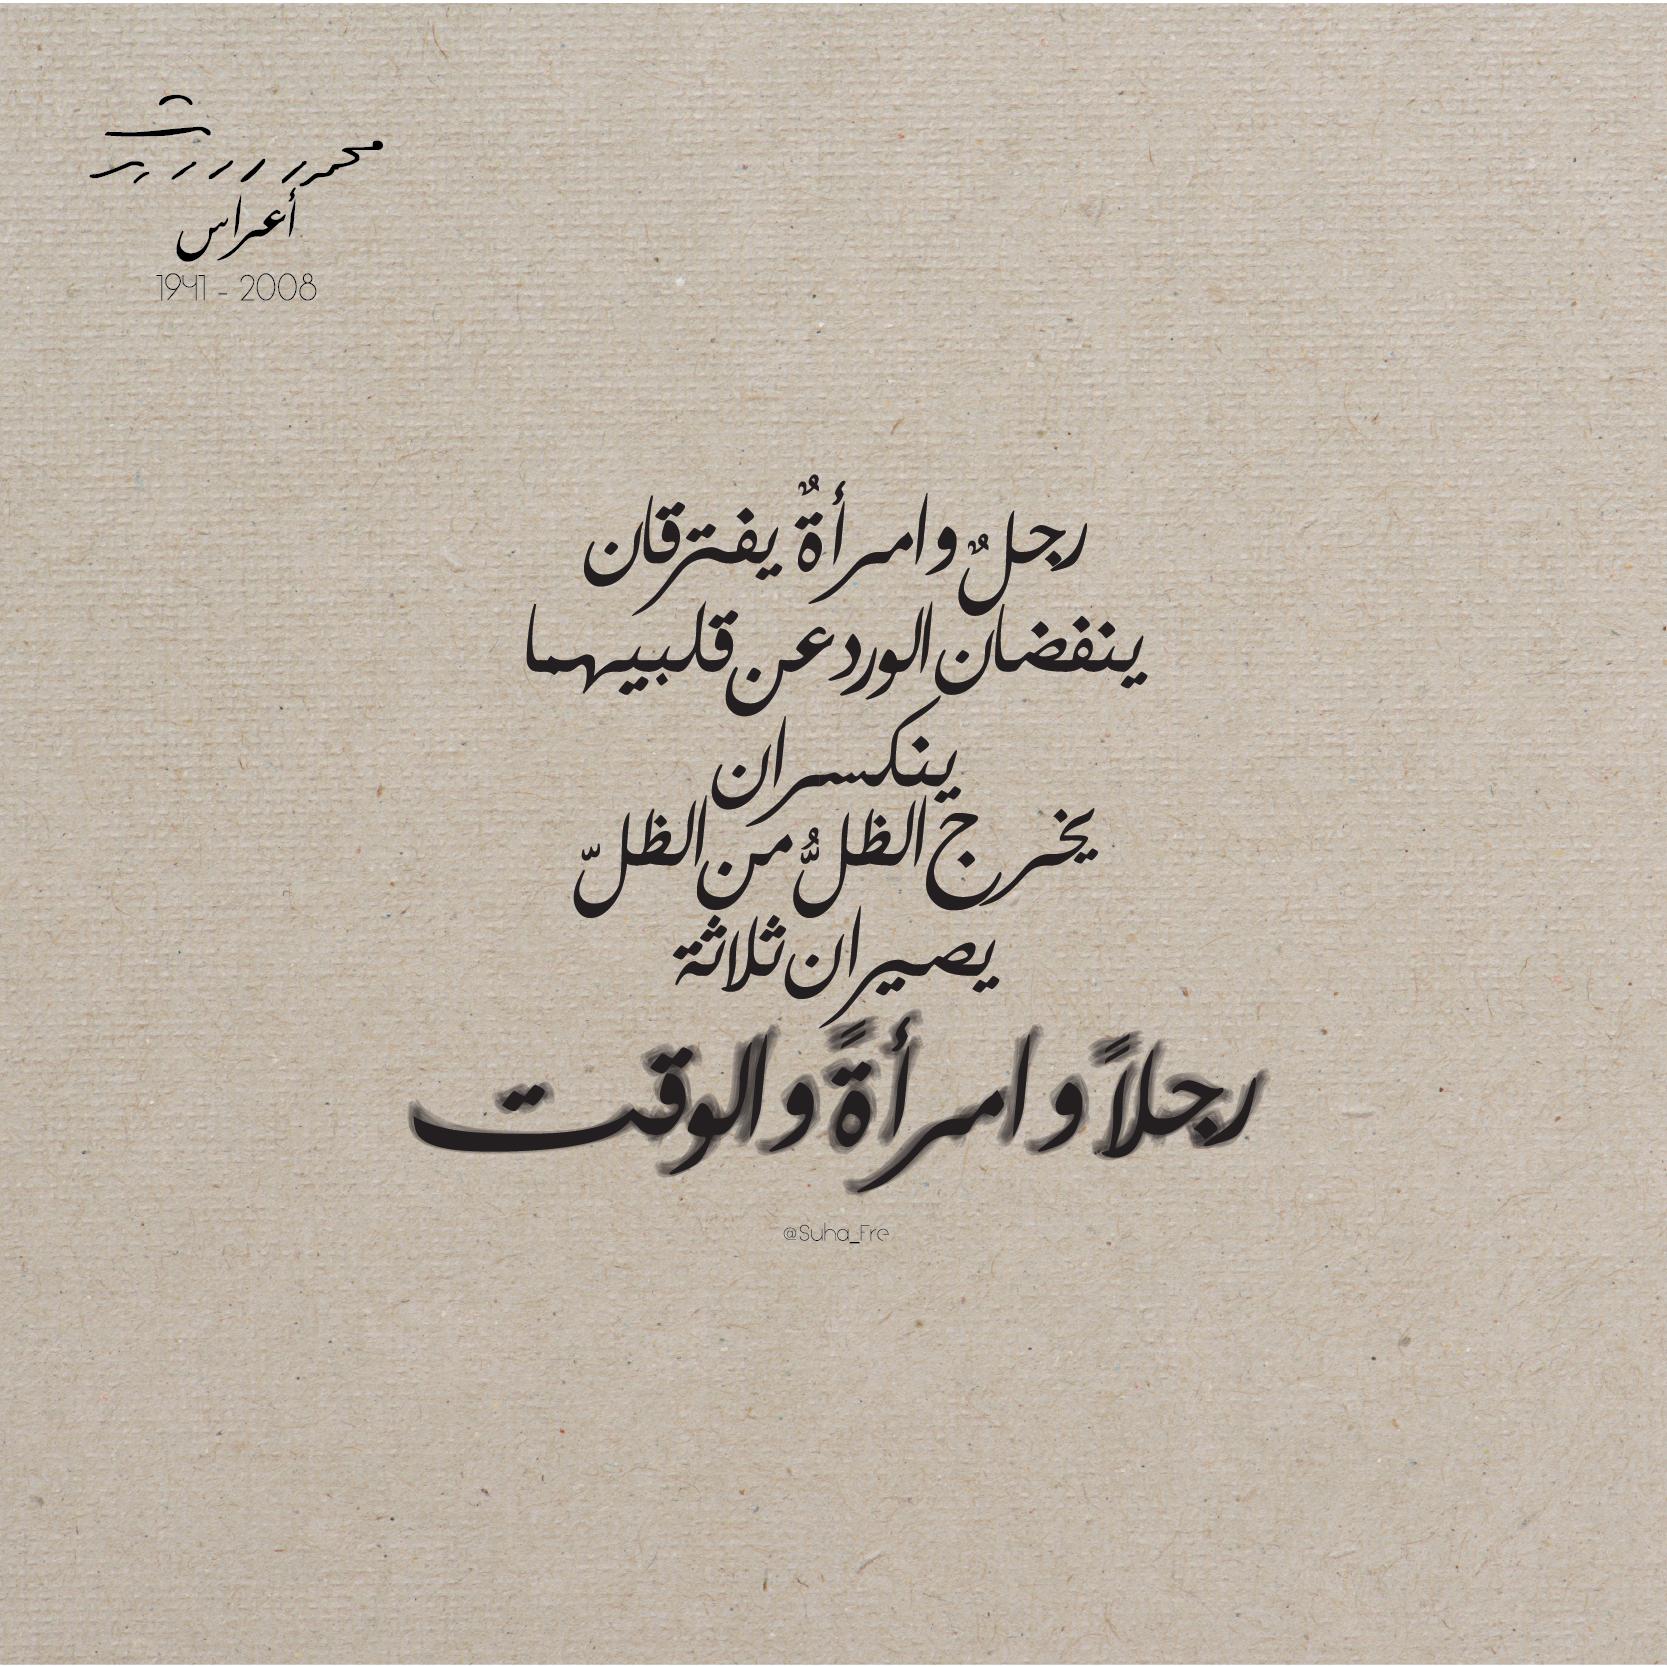 ديوان أعراس محمود درويش Arabic Calligraphy Calligraphy Arabic